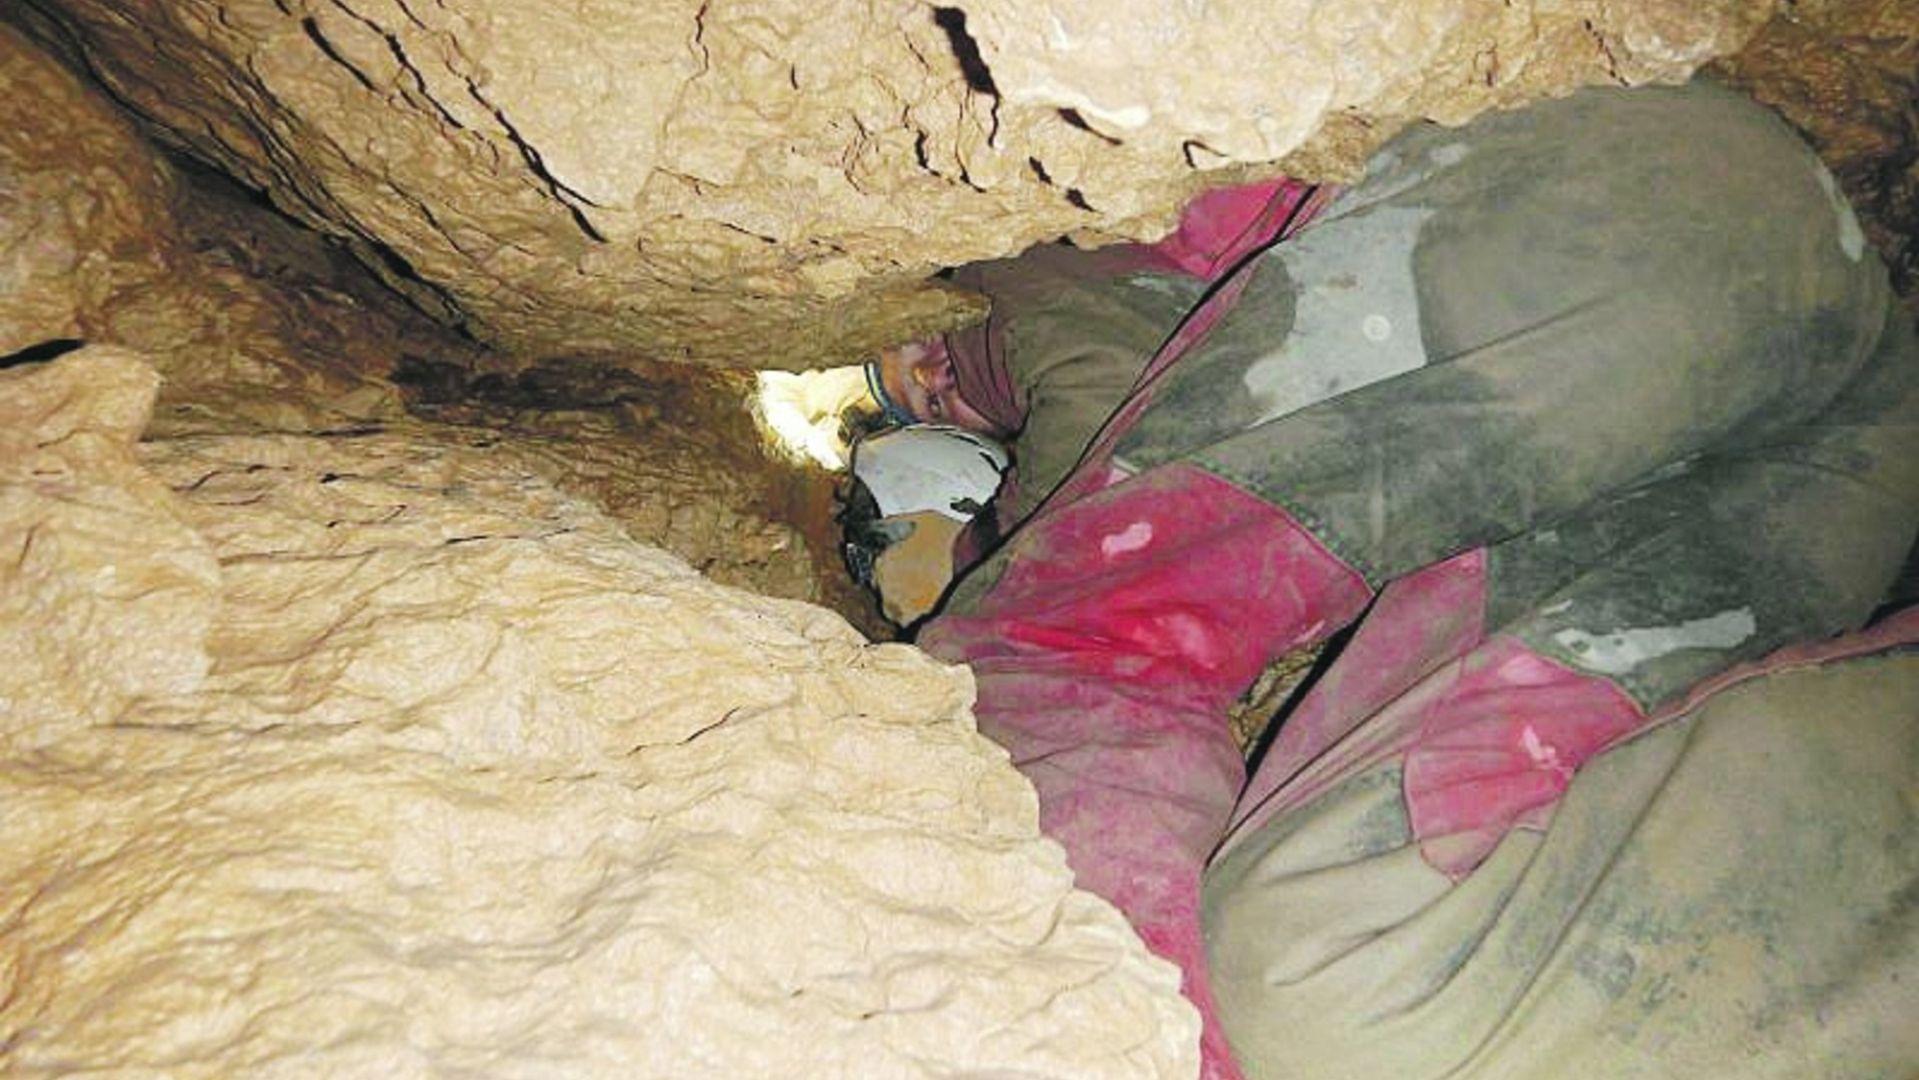 Dramat w jaskini. Nadzieja umarła ostatnia